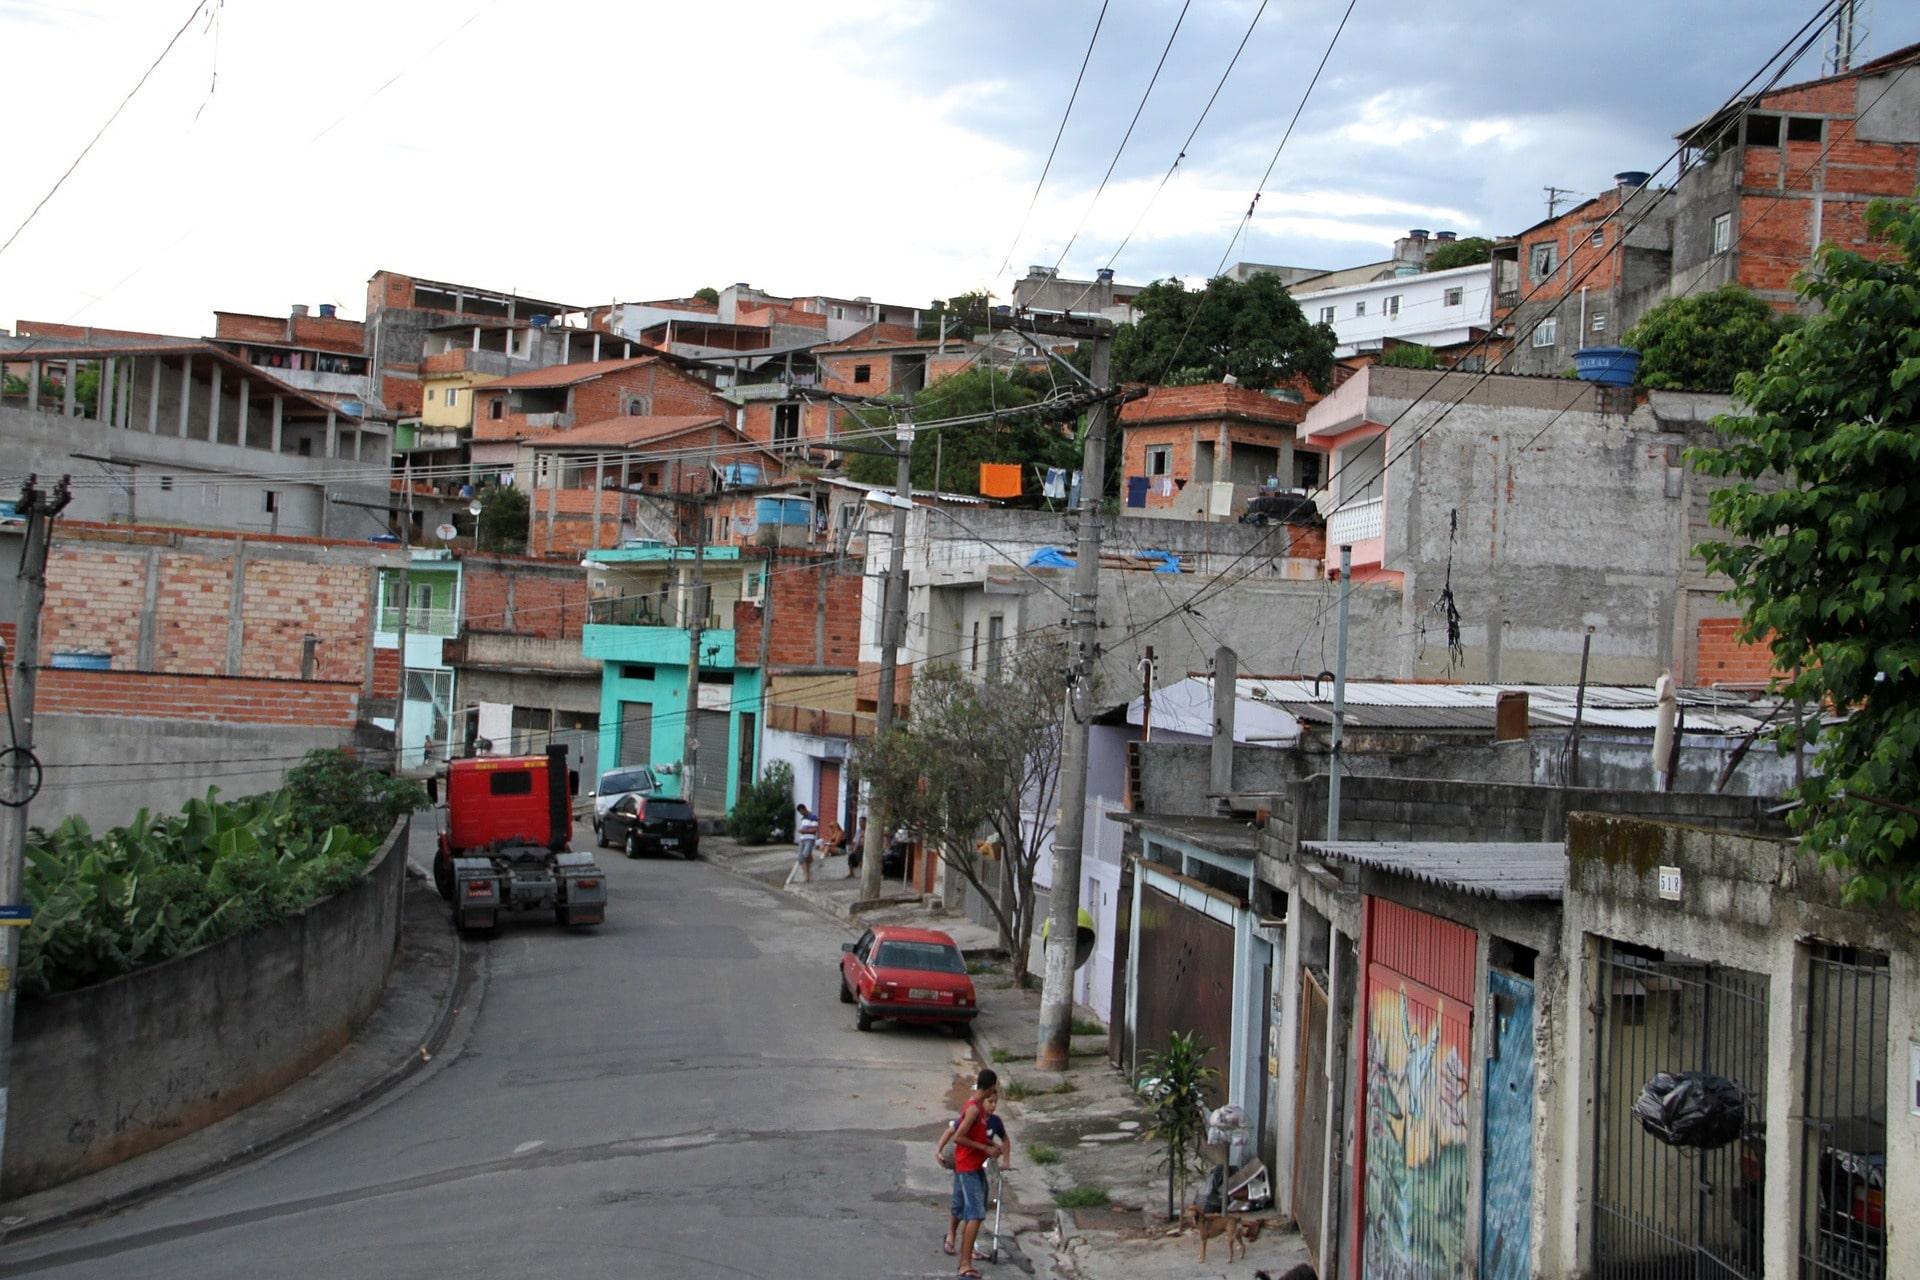 Coronavirus: des gangs de Rio mettent en place des mesures strictes dans les favelas !